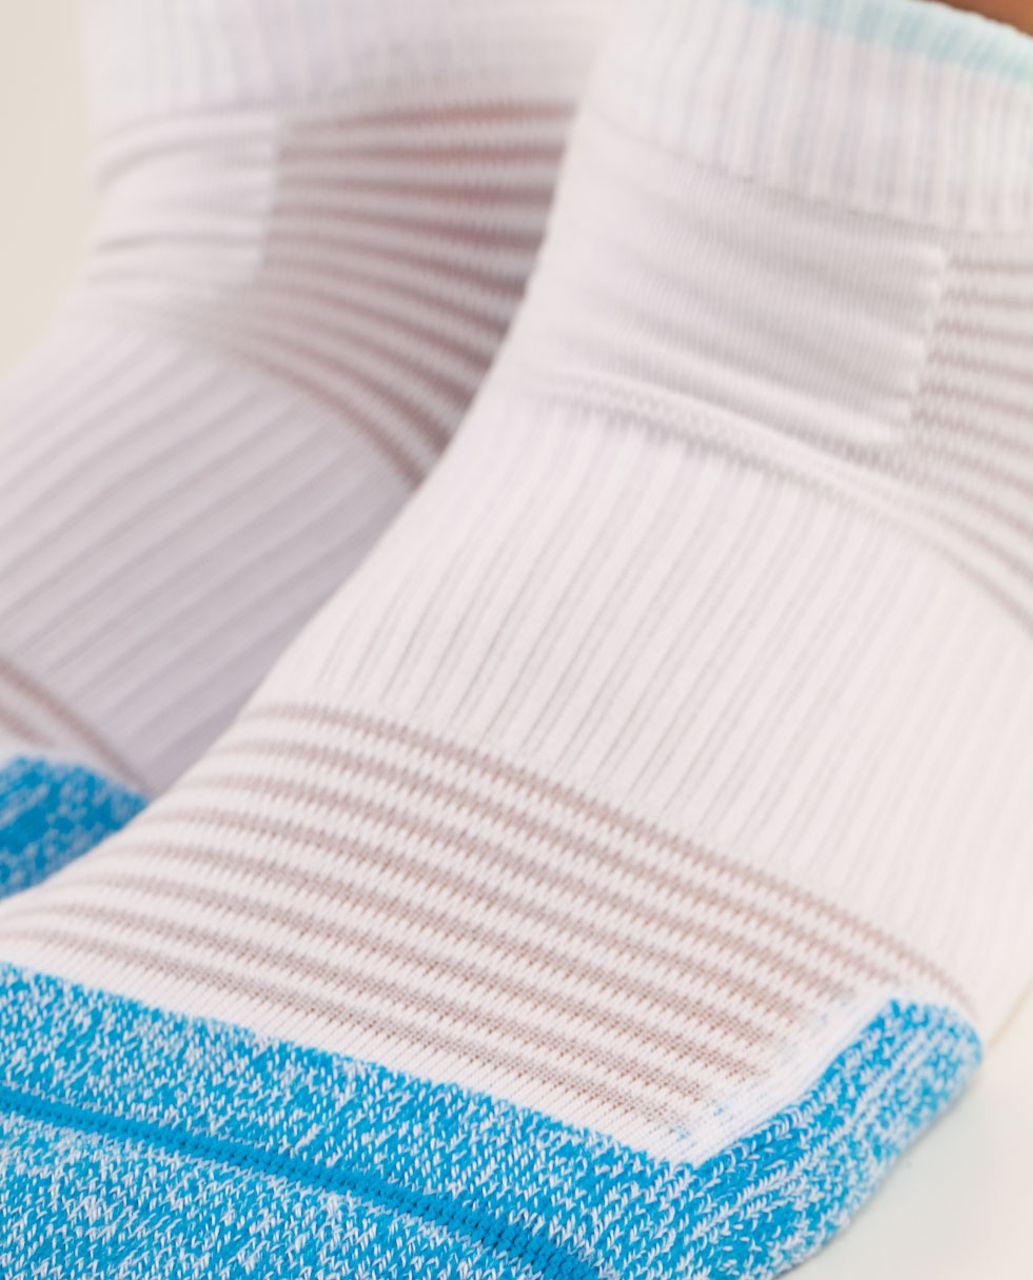 Lululemon Women's Ultimate Padded Run Sock - Beach Blanket Blue